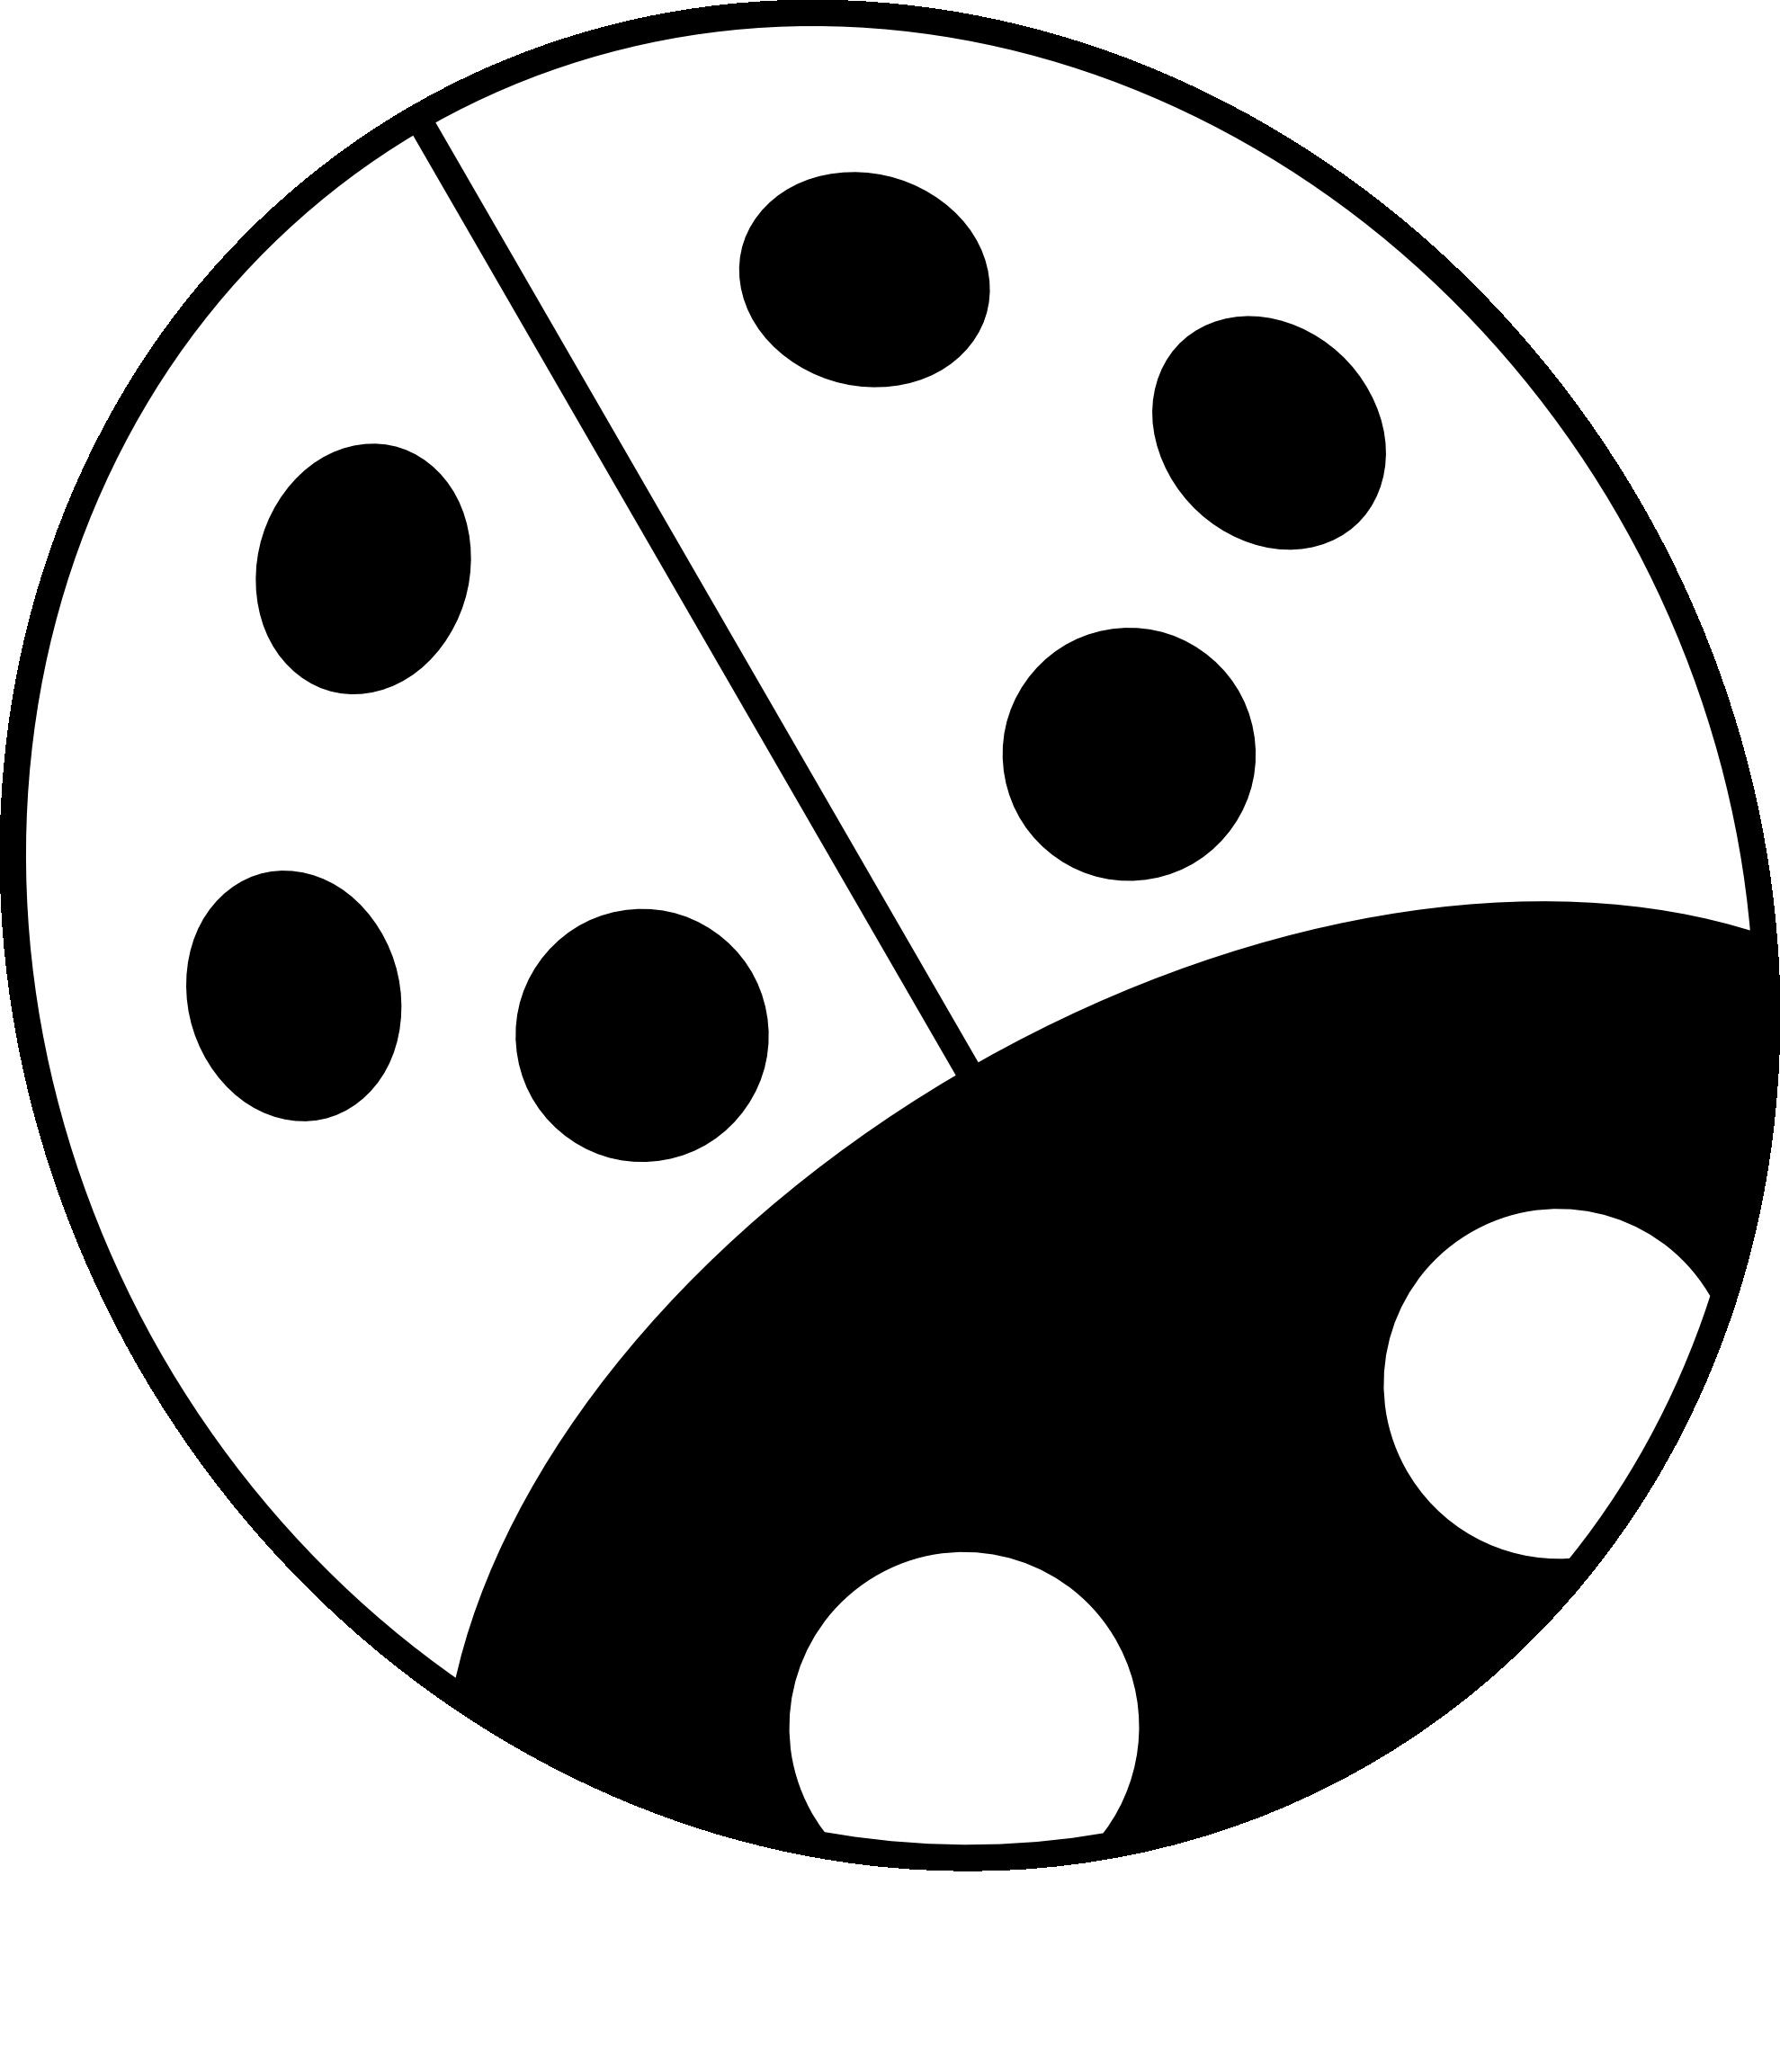 Ladybug black and white. Ladybugs clipart minibeast